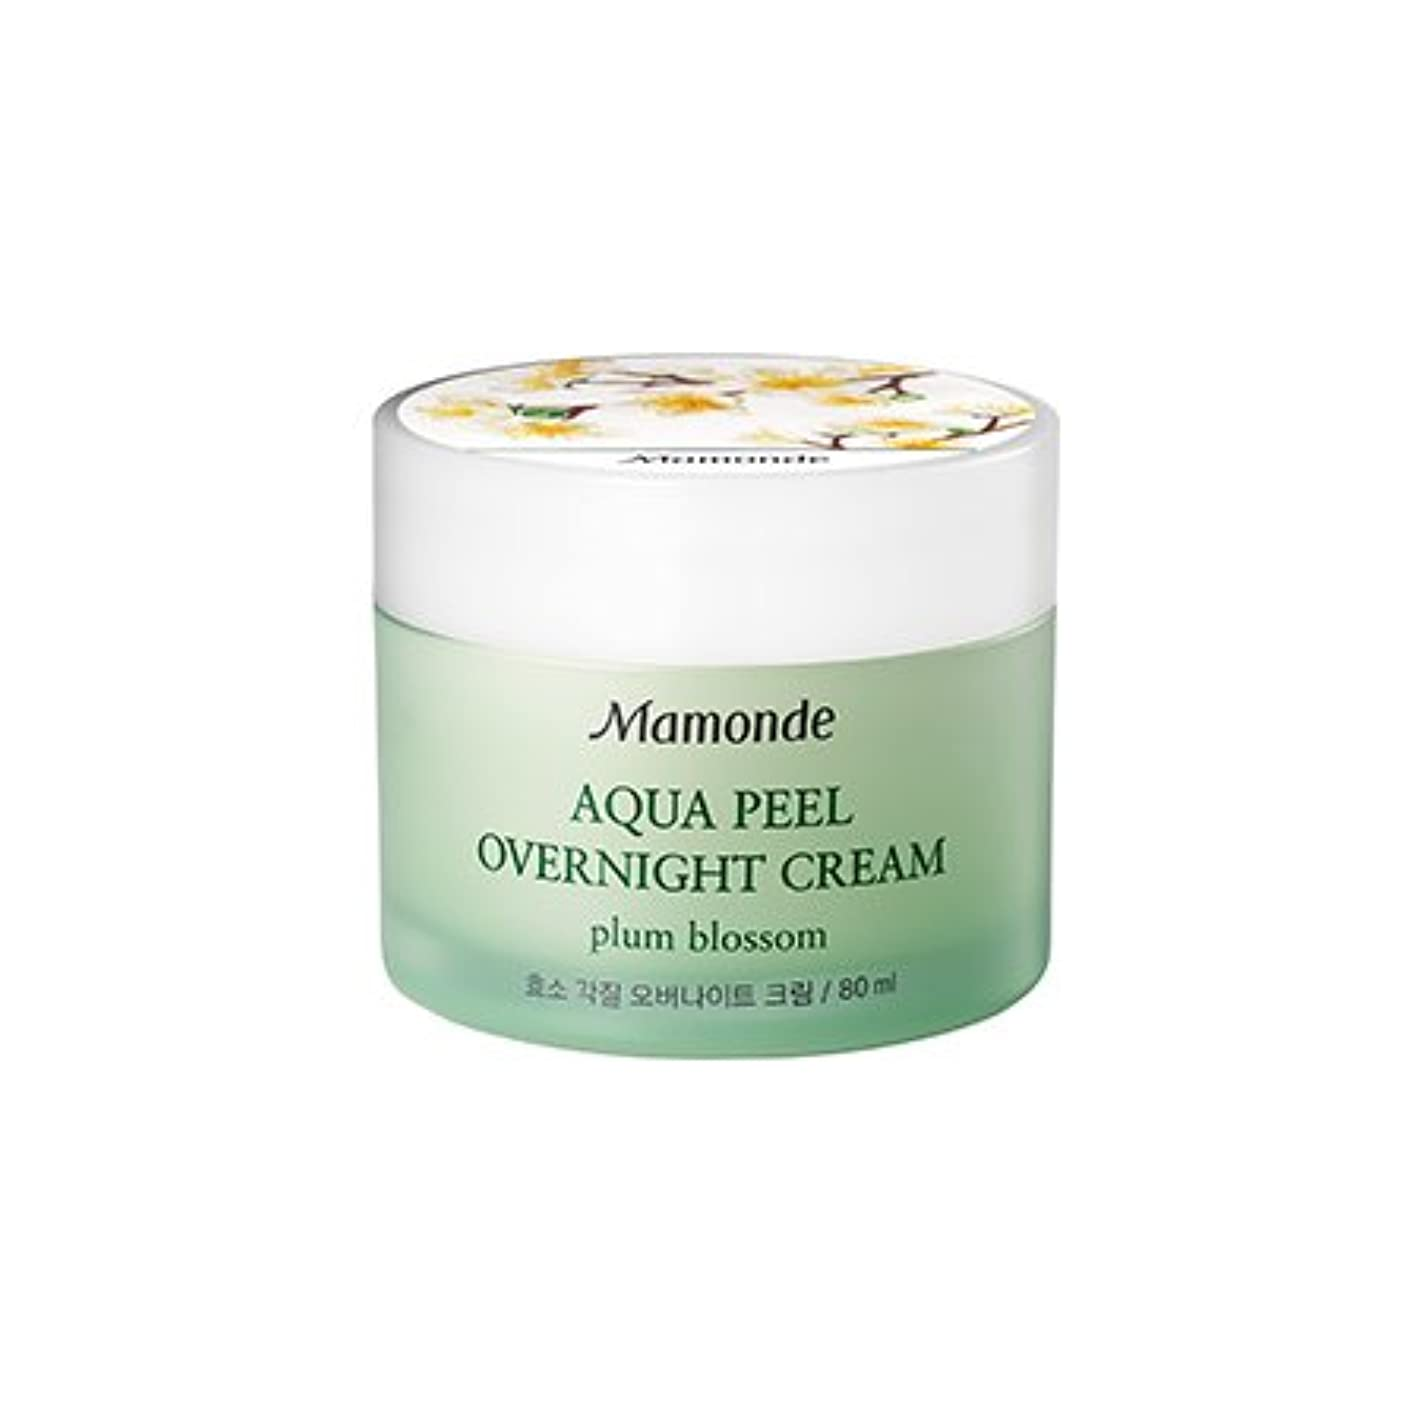 煙突揮発性エイズMamonde Aqua Peel Overnight Cream 80ml/マモンド アクア ピール オーバーナイト クリーム 80ml [並行輸入品]